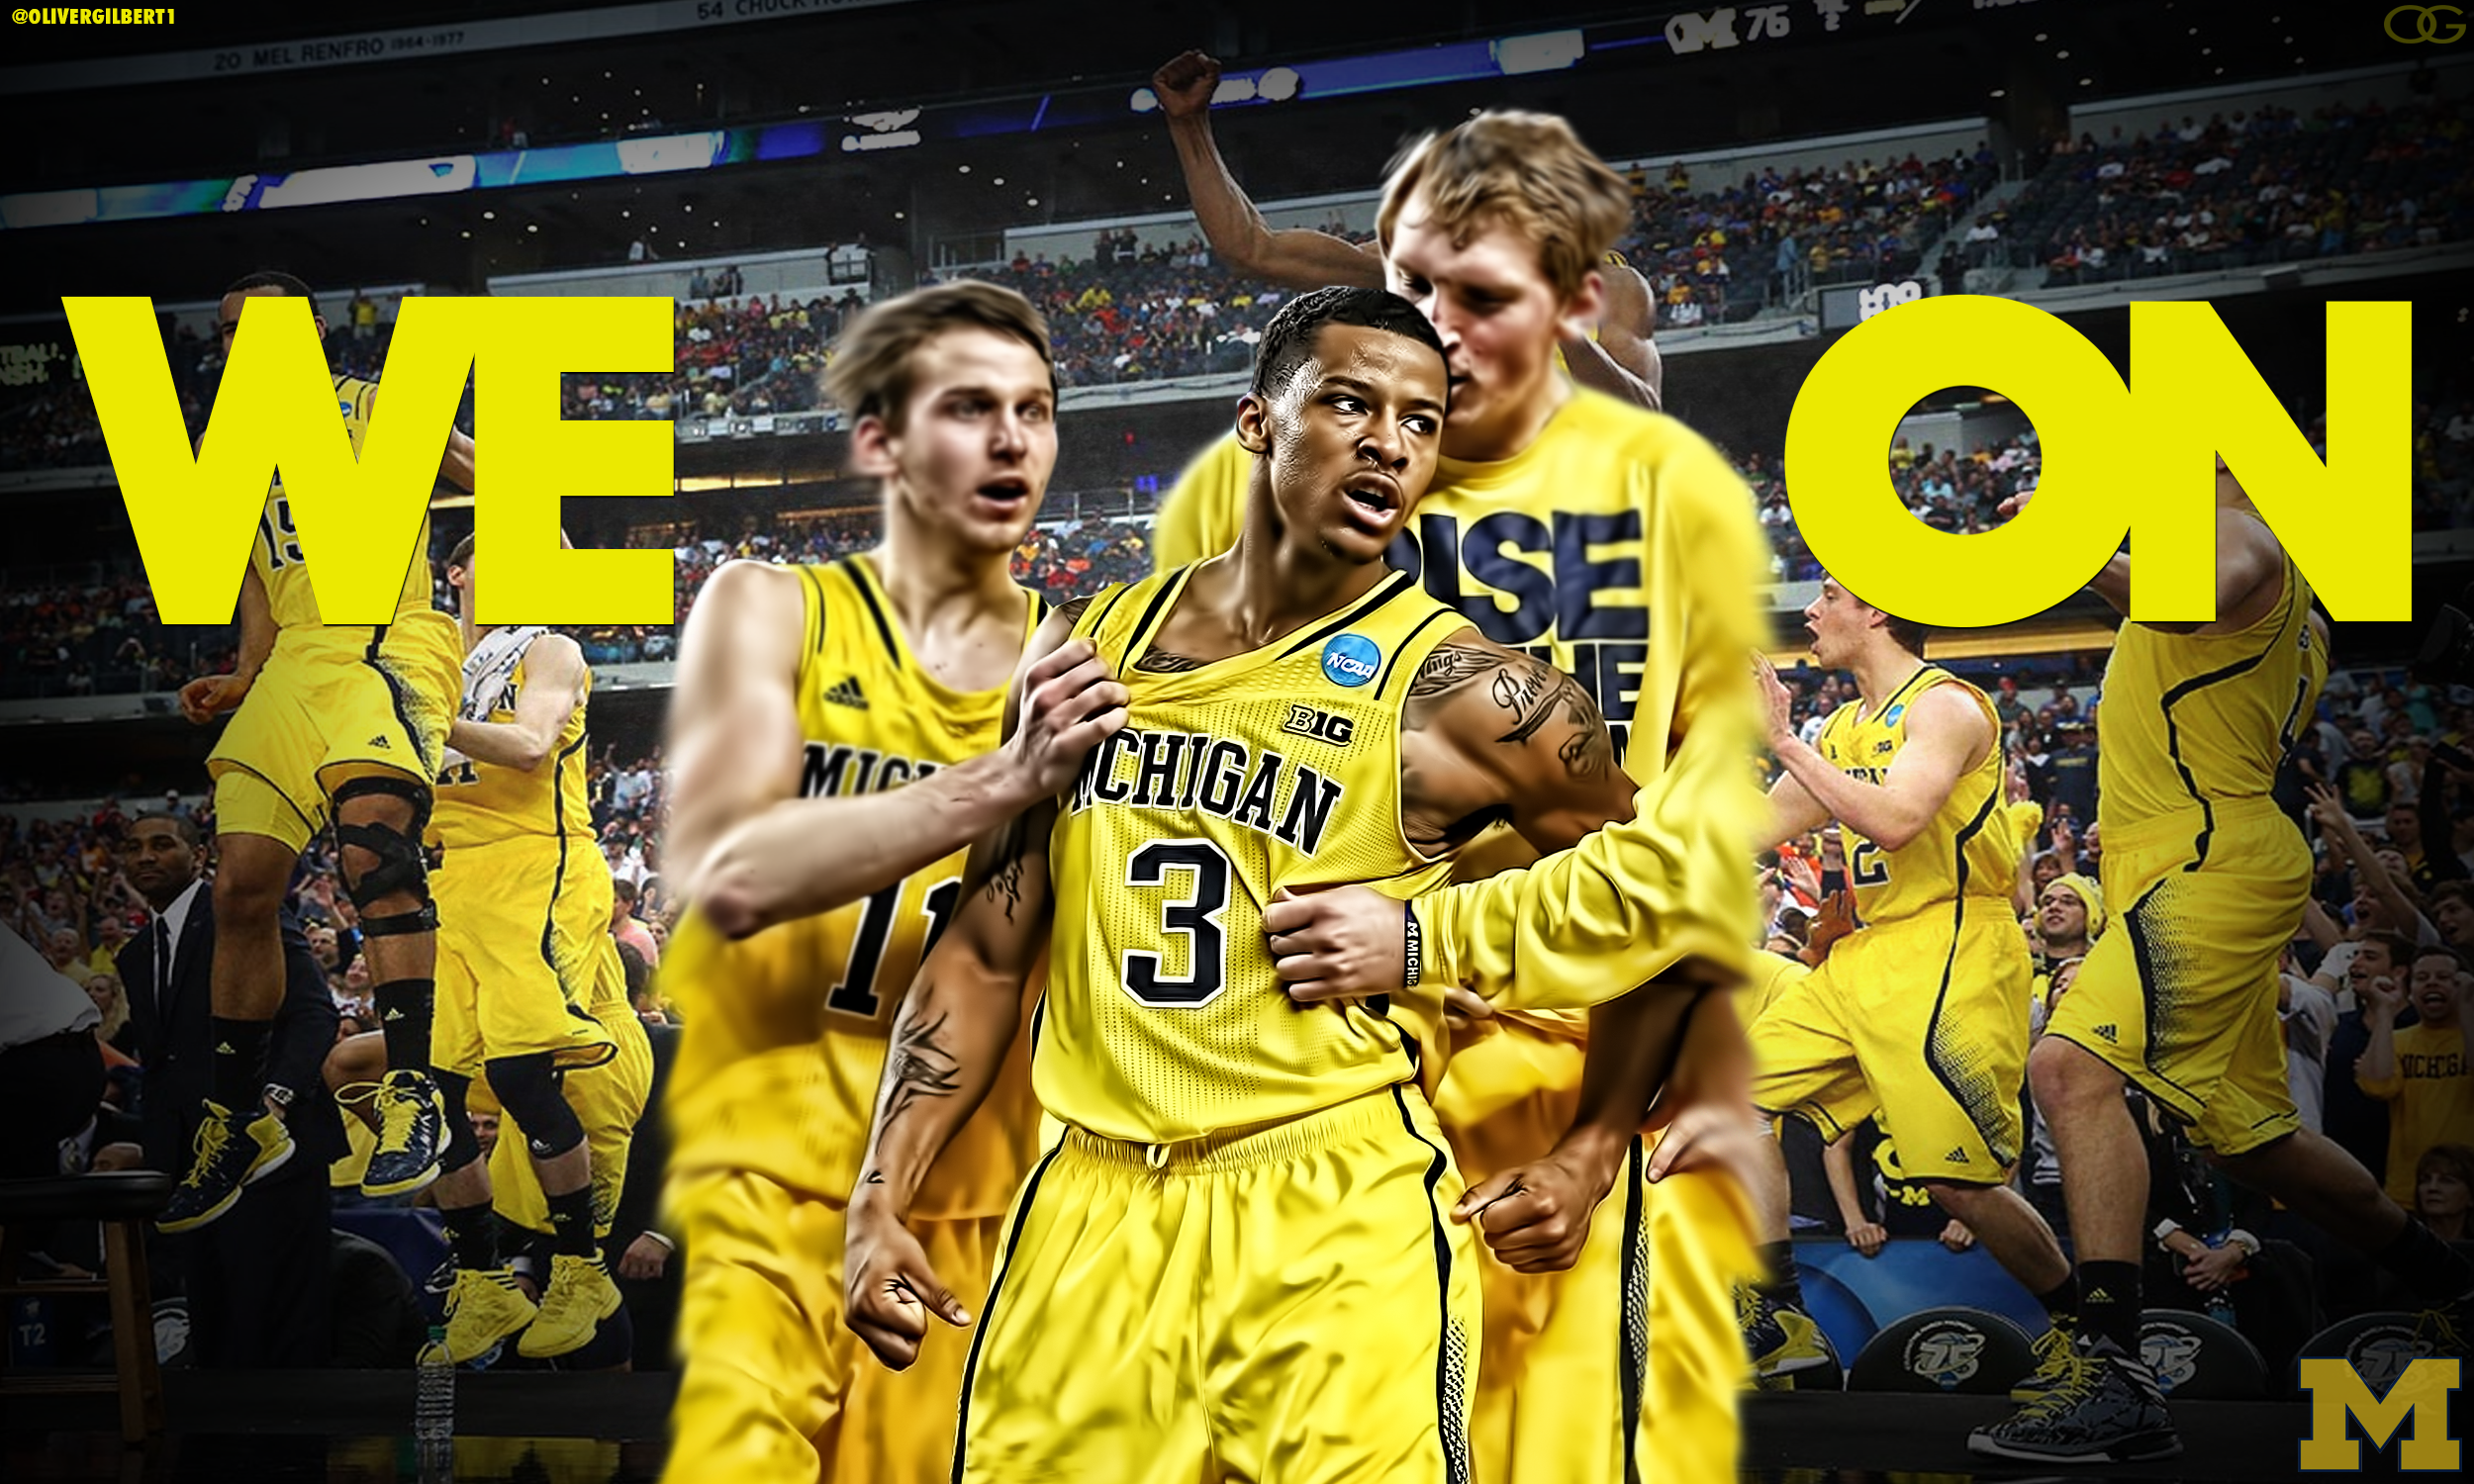 Michigan Basketball Wallpaper Basketball Teams Michigan